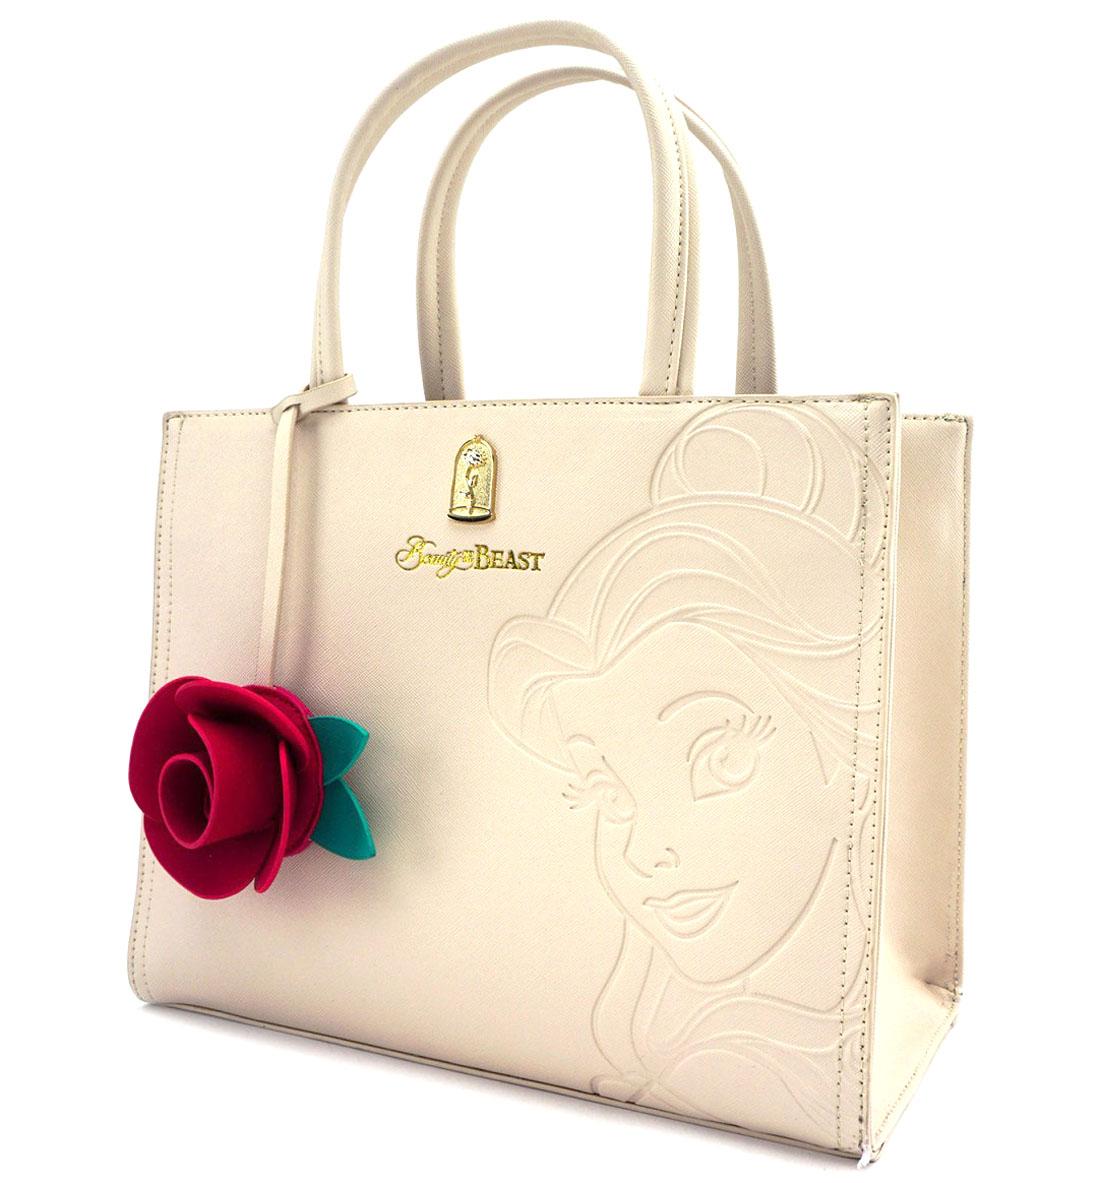 ラウンジフライ(Loungefly)美女と野獣ベル&2Wayショルダーバッグ/ハンドバッグ/Disney Belle Embossed Tote Bag【あす楽対応_関東】